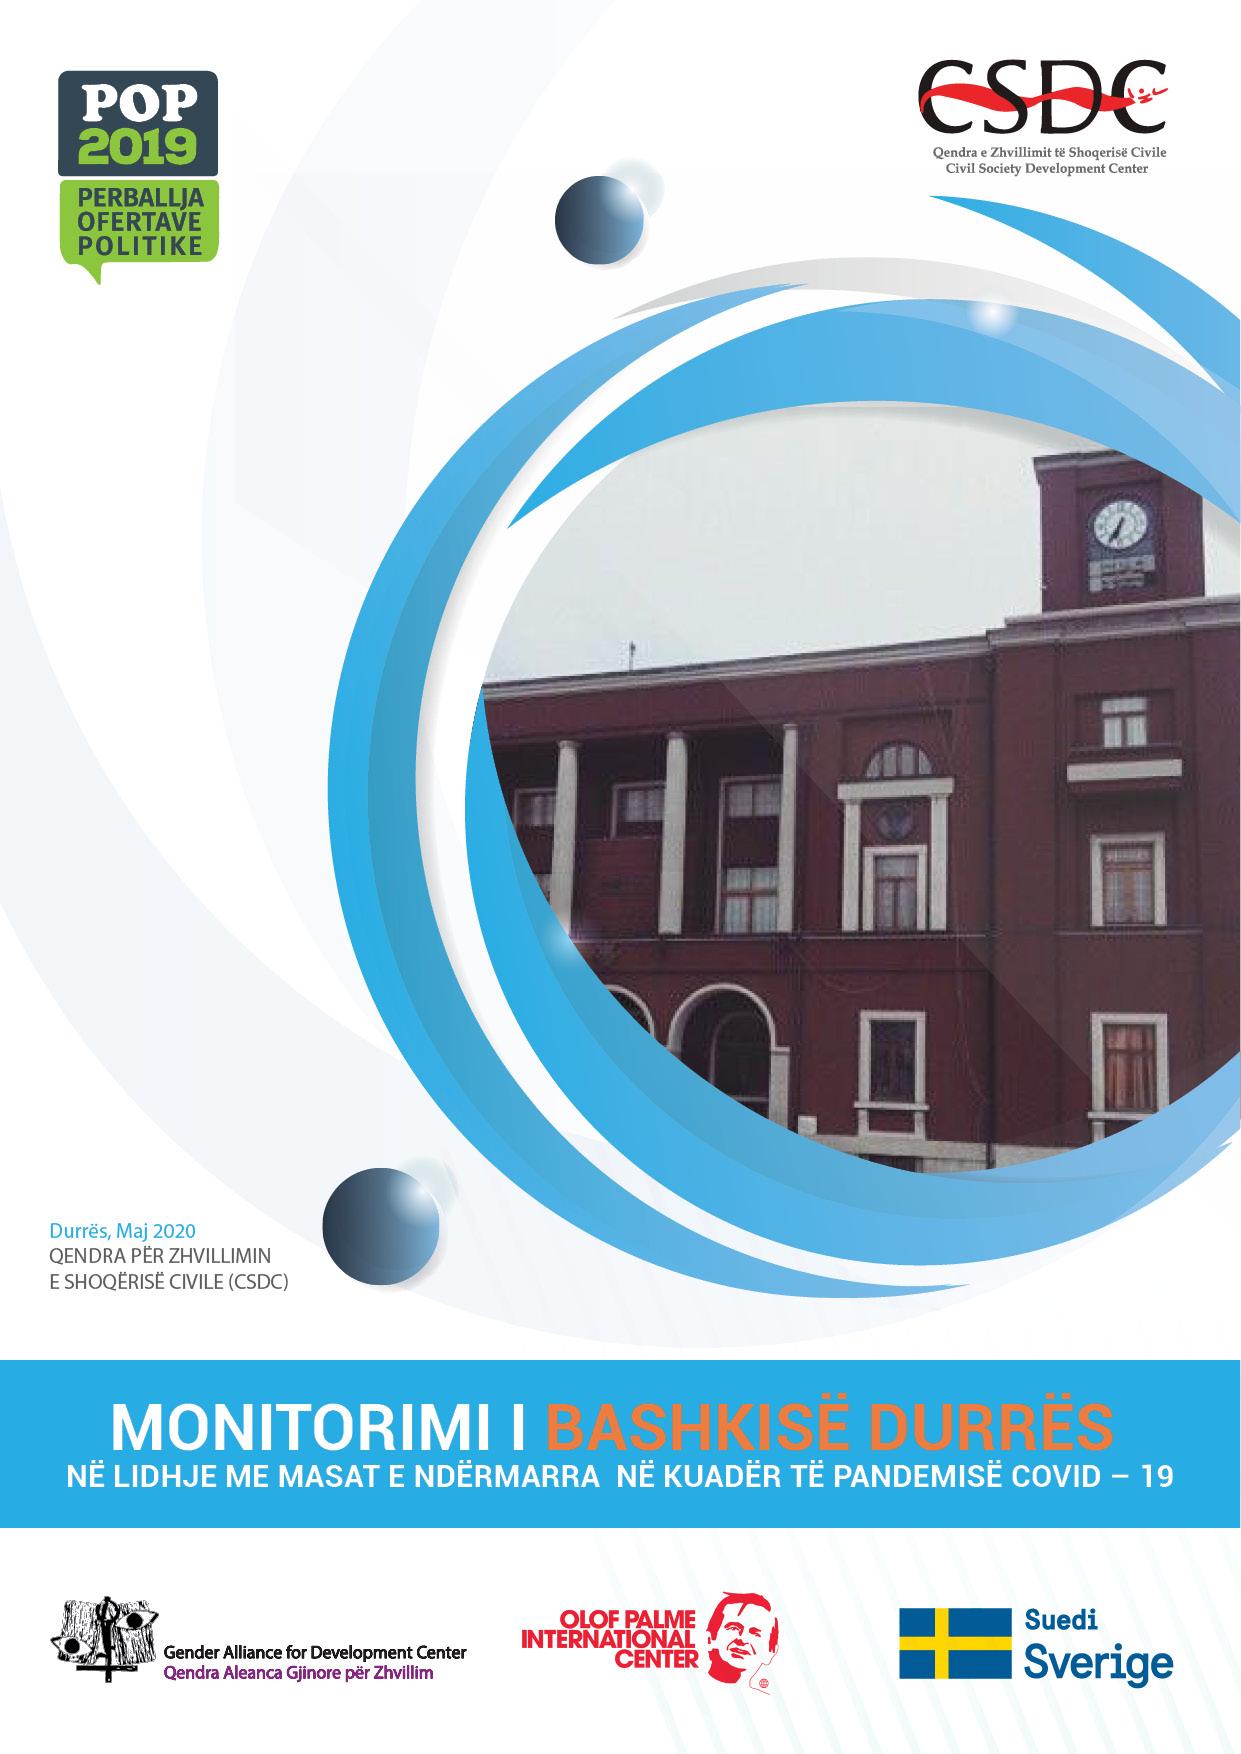 Raporti i Monitorimit Bashkia Durrës